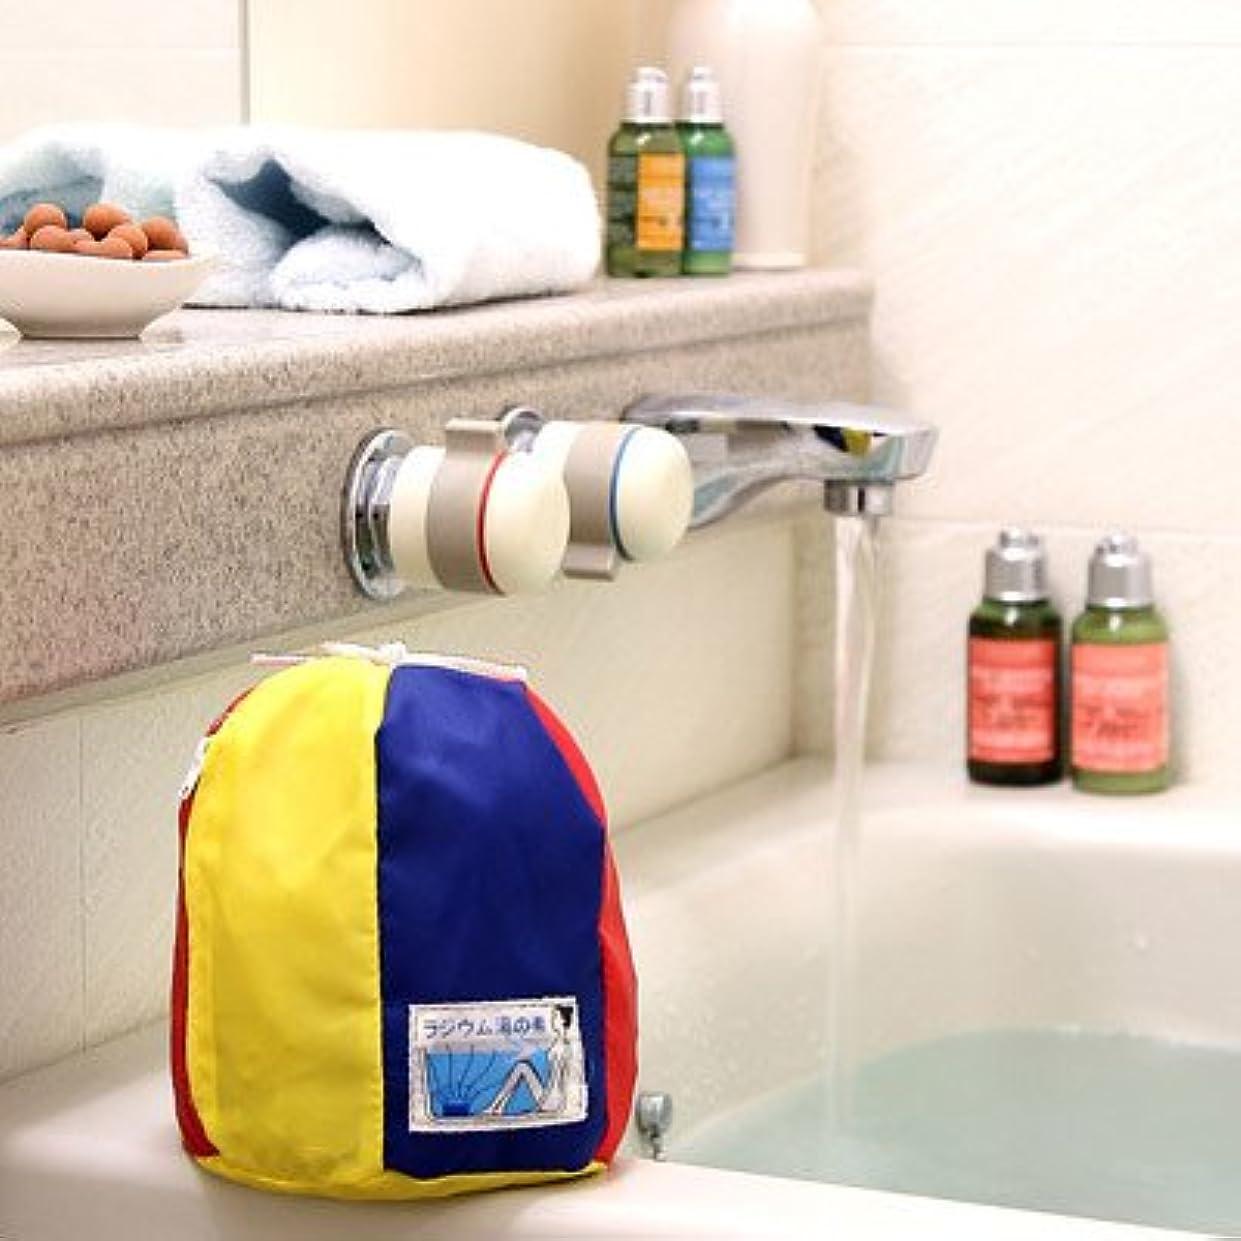 シプリーエンジニアリングゴミ毎日おうちで温泉気分! ラジウム湯の素(小) つげ石材株式会社?岐阜県